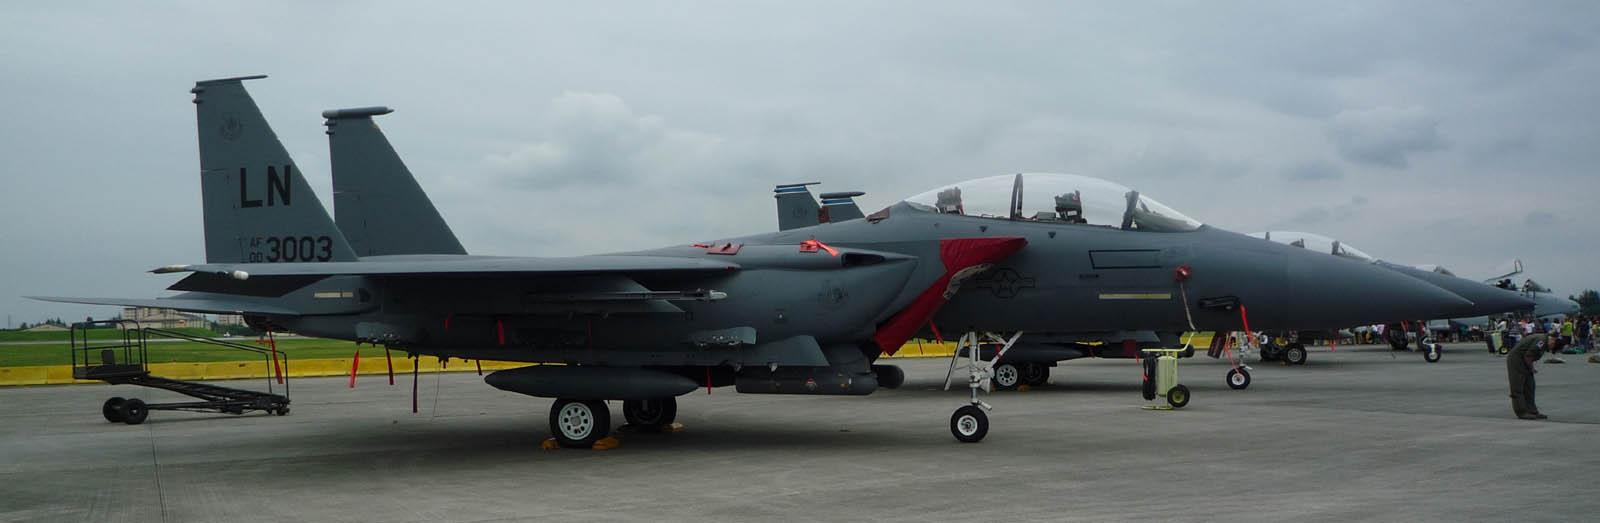 F15e110820g156